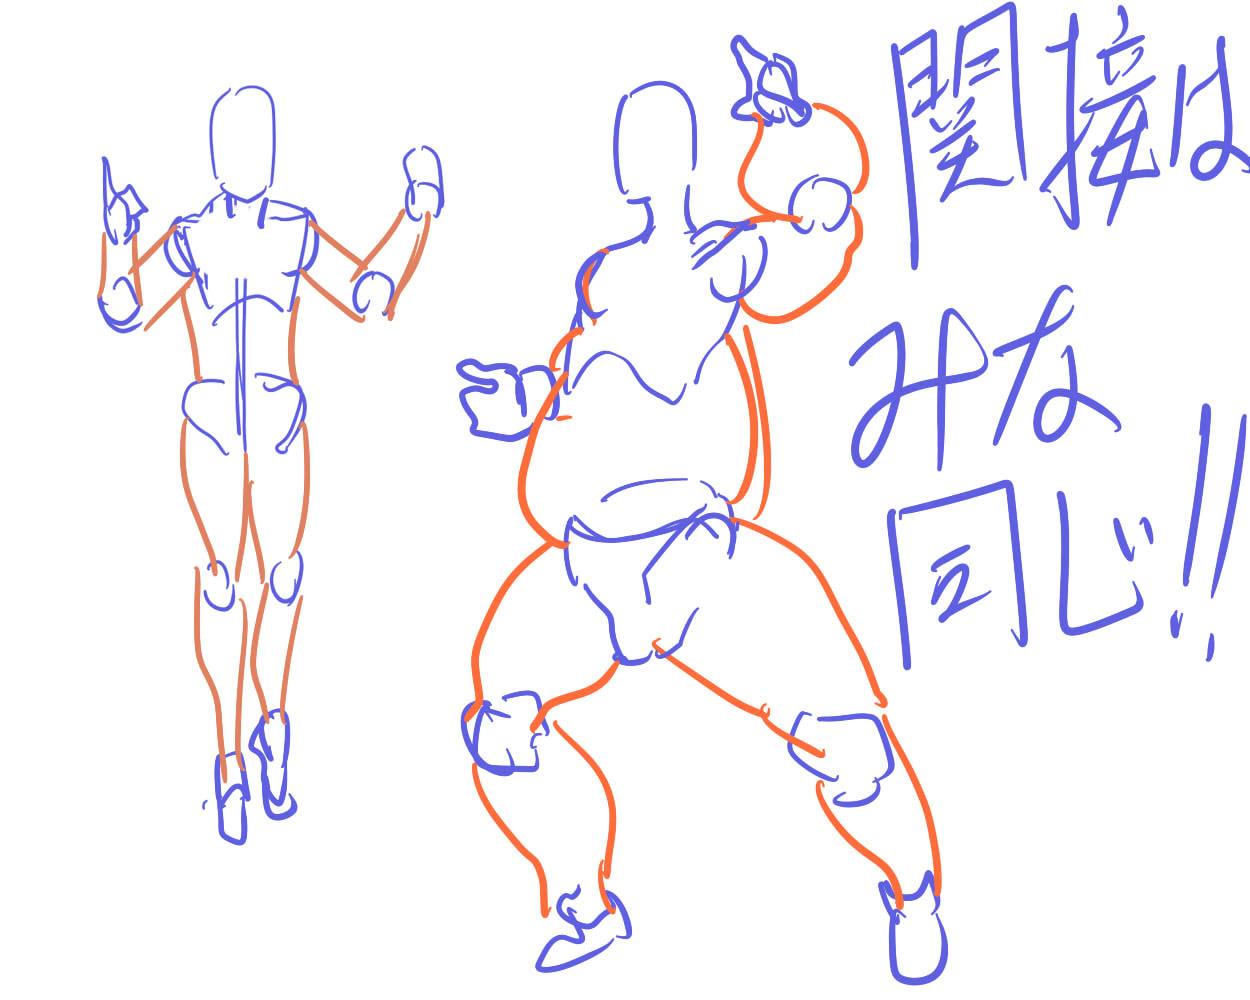 イラストって難しい初心者が参考にできる描き方まとめ Naver まとめ